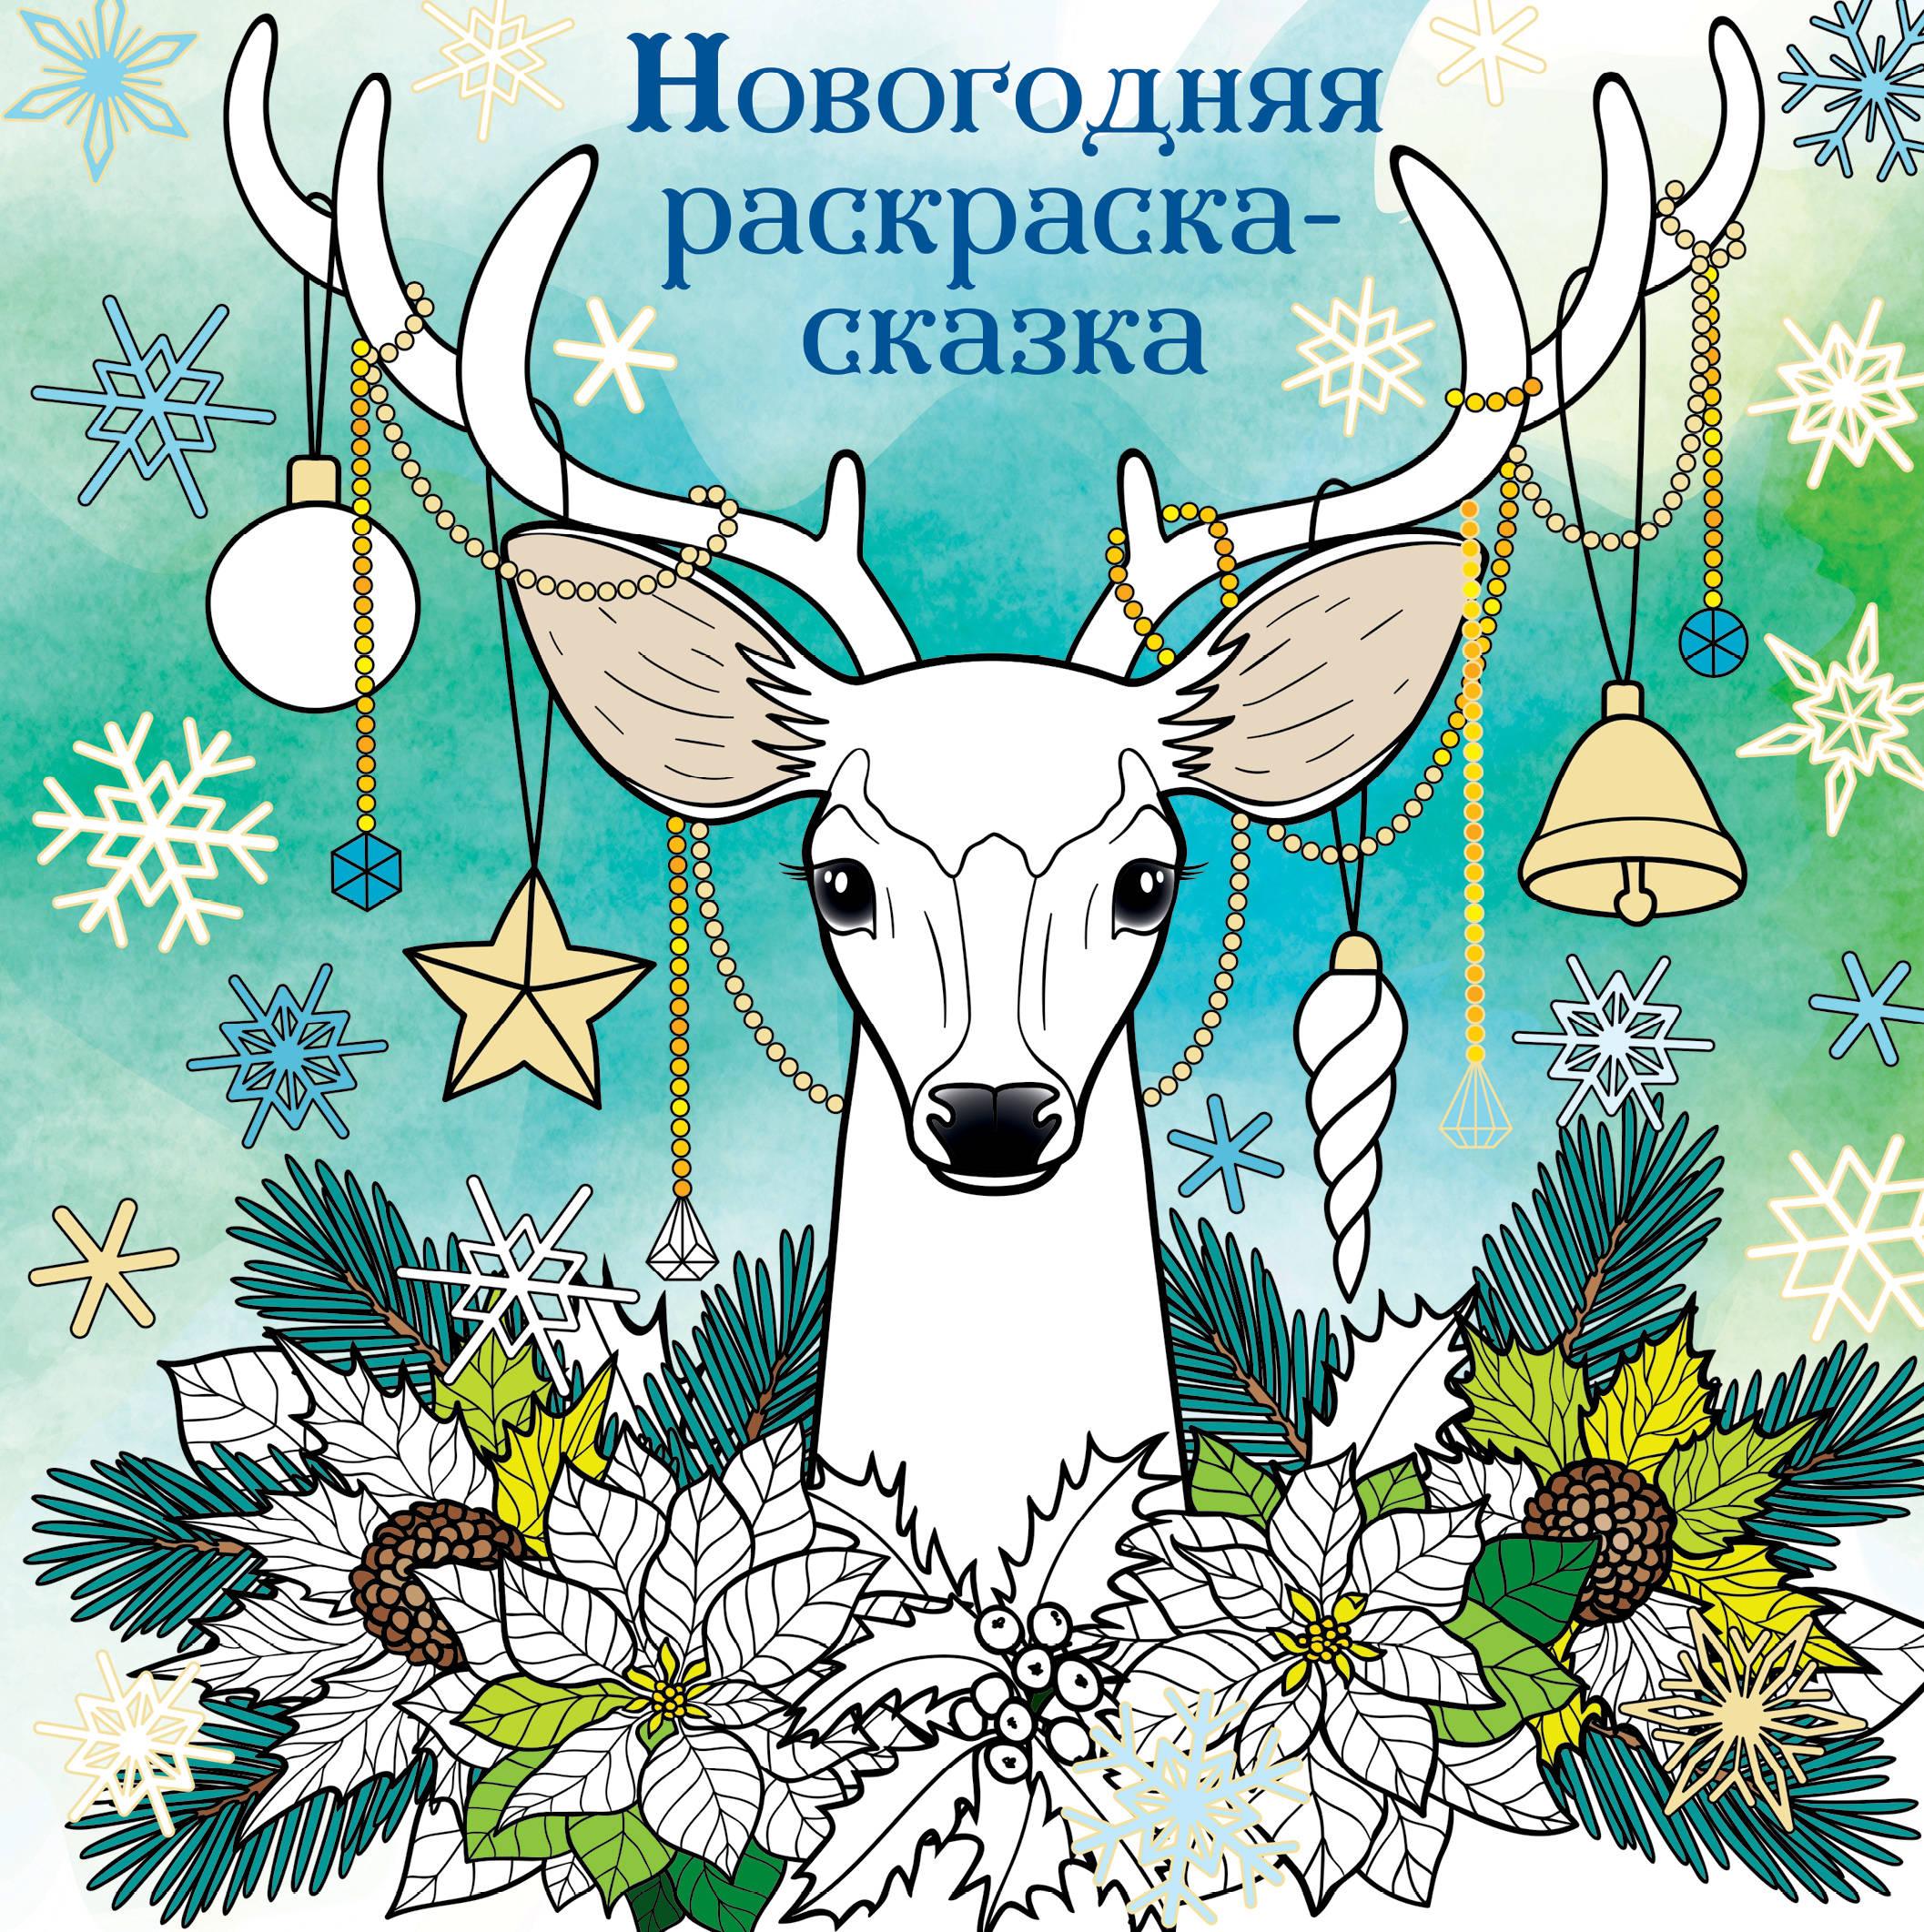 Novogodnjaja raskraska - skazka (Olen)